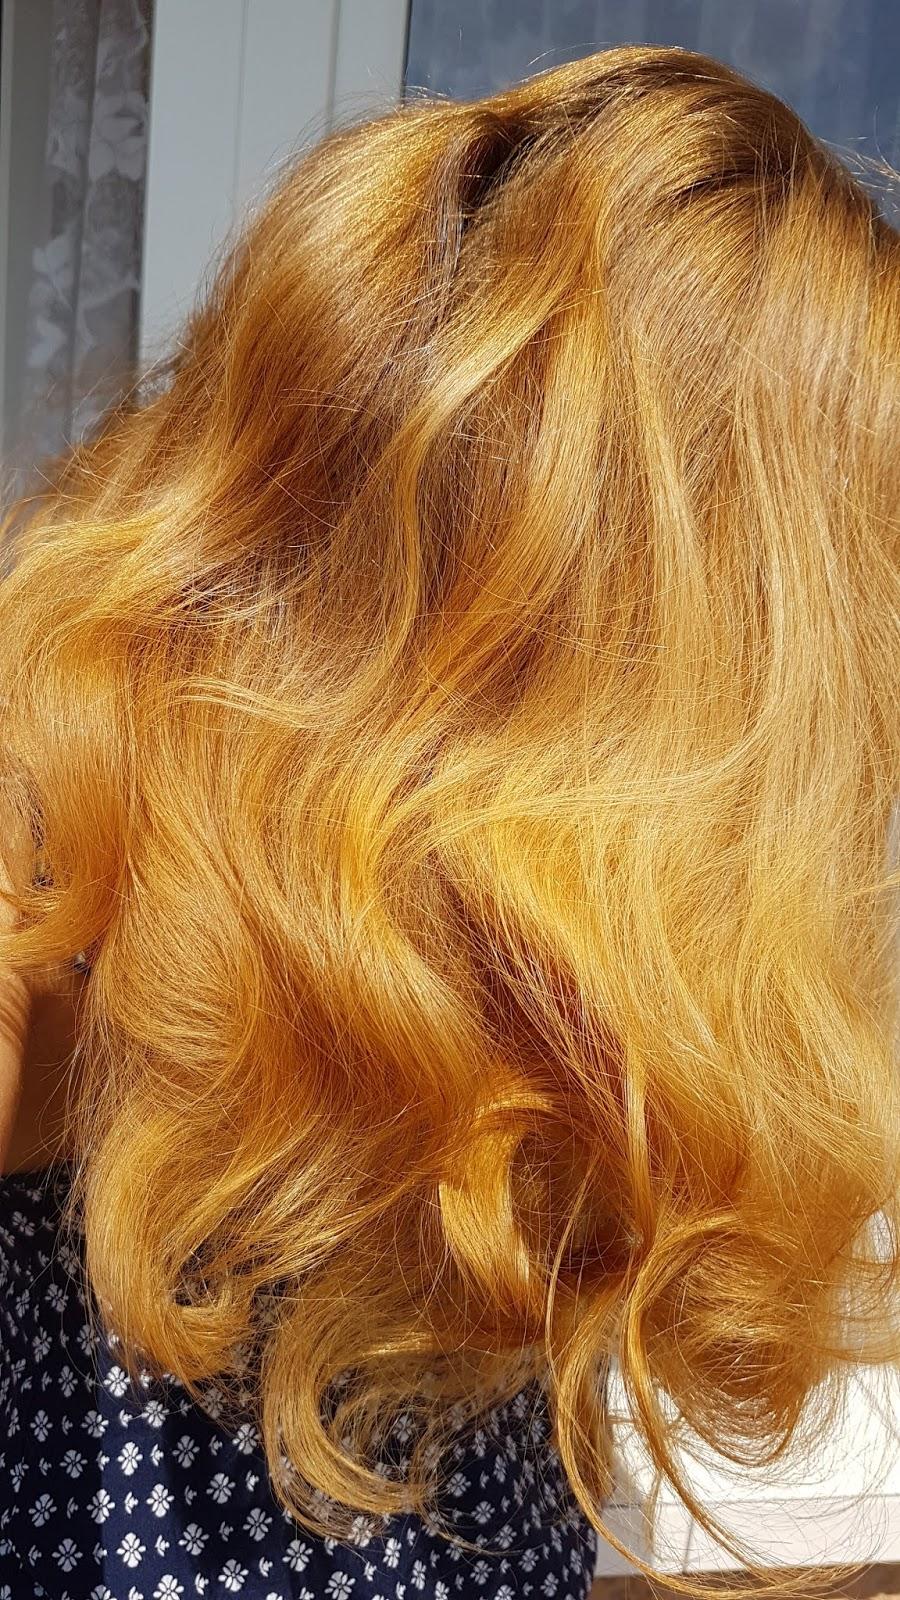 Moje ulubione włosowe zdjęcie, część I